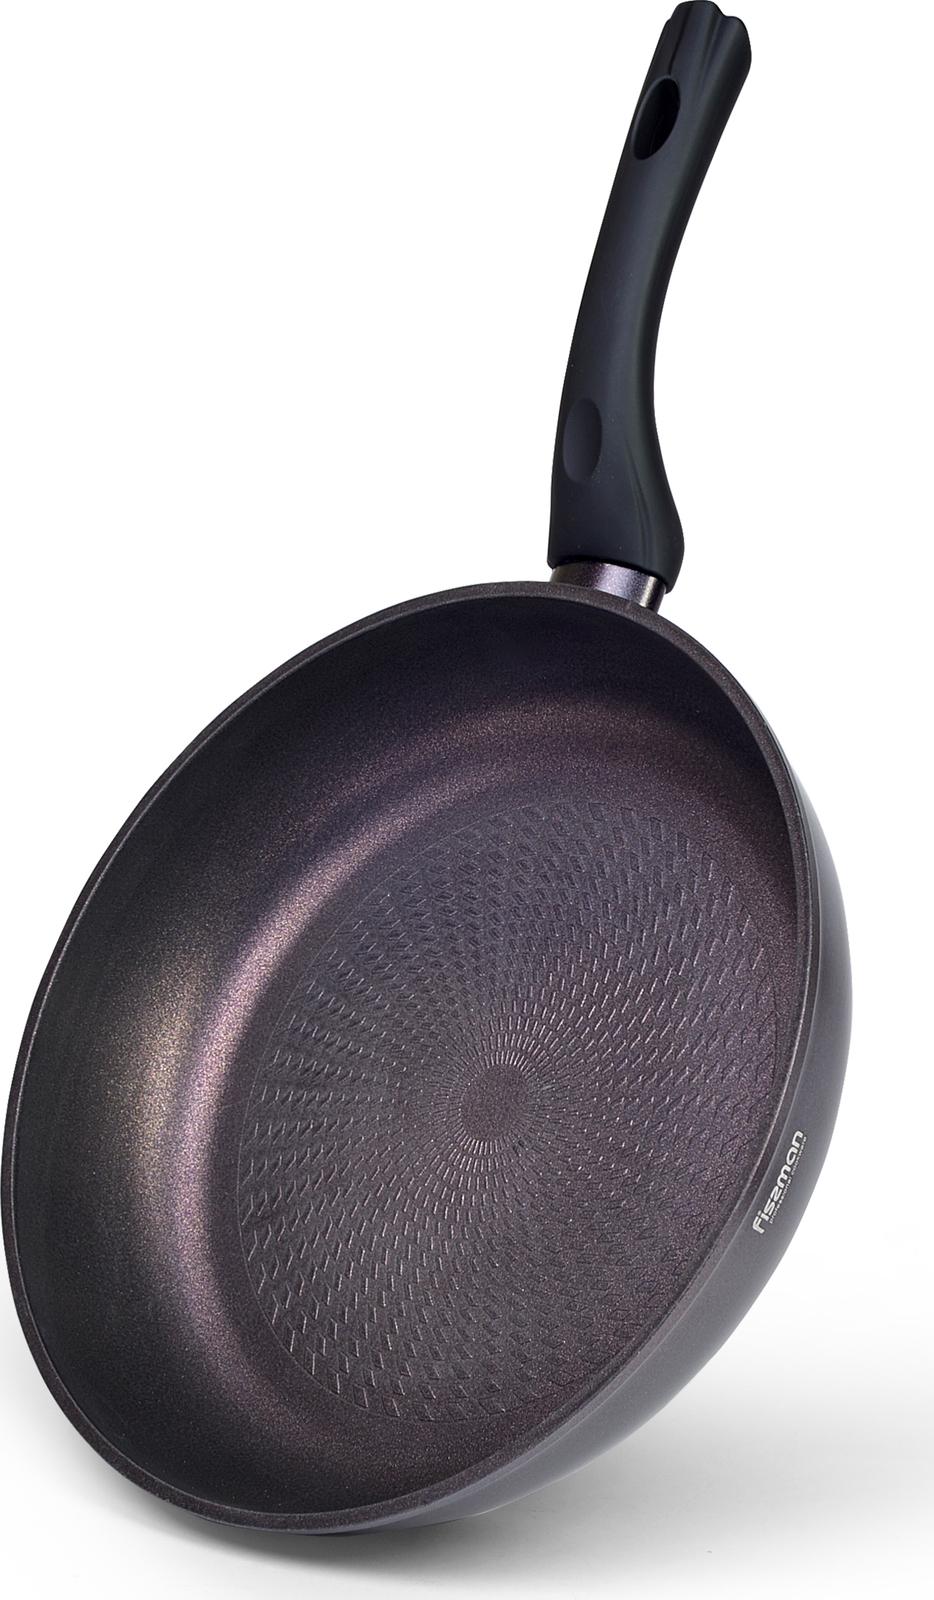 Сковорода Fissman Choco Jasper, с антипригарным покрытием, диаметр 28 см сковорода fissman prestige с антипригарным покрытием диаметр 26 см